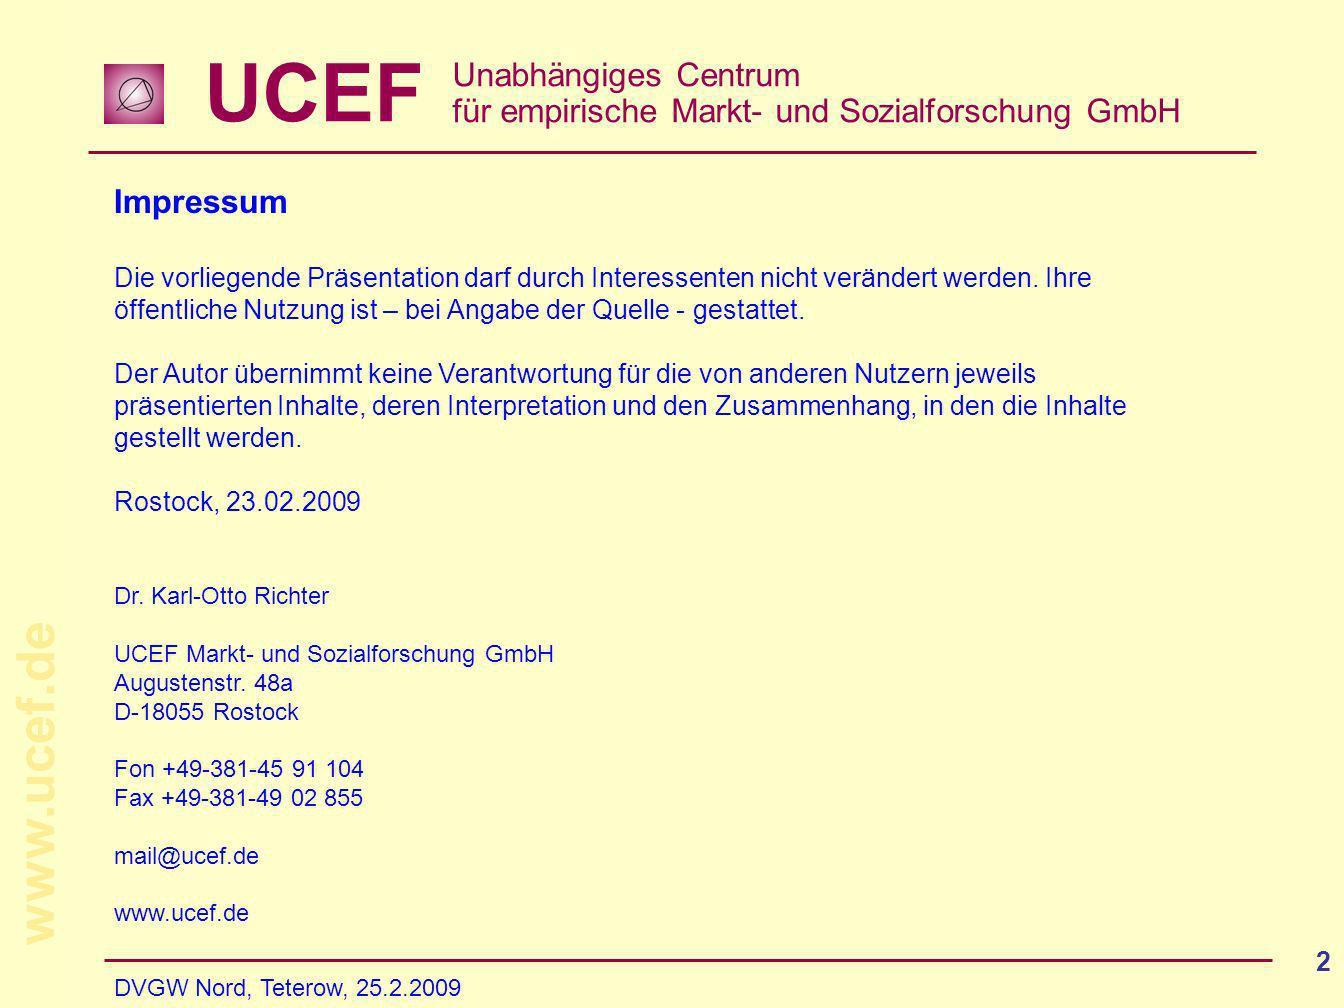 UCEF Unabhängiges Centrum für empirische Markt- und Sozialforschung GmbH www.ucef.de DVGW Nord, Teterow, 25.2.2009 2 Impressum Die vorliegende Präsentation darf durch Interessenten nicht verändert werden.